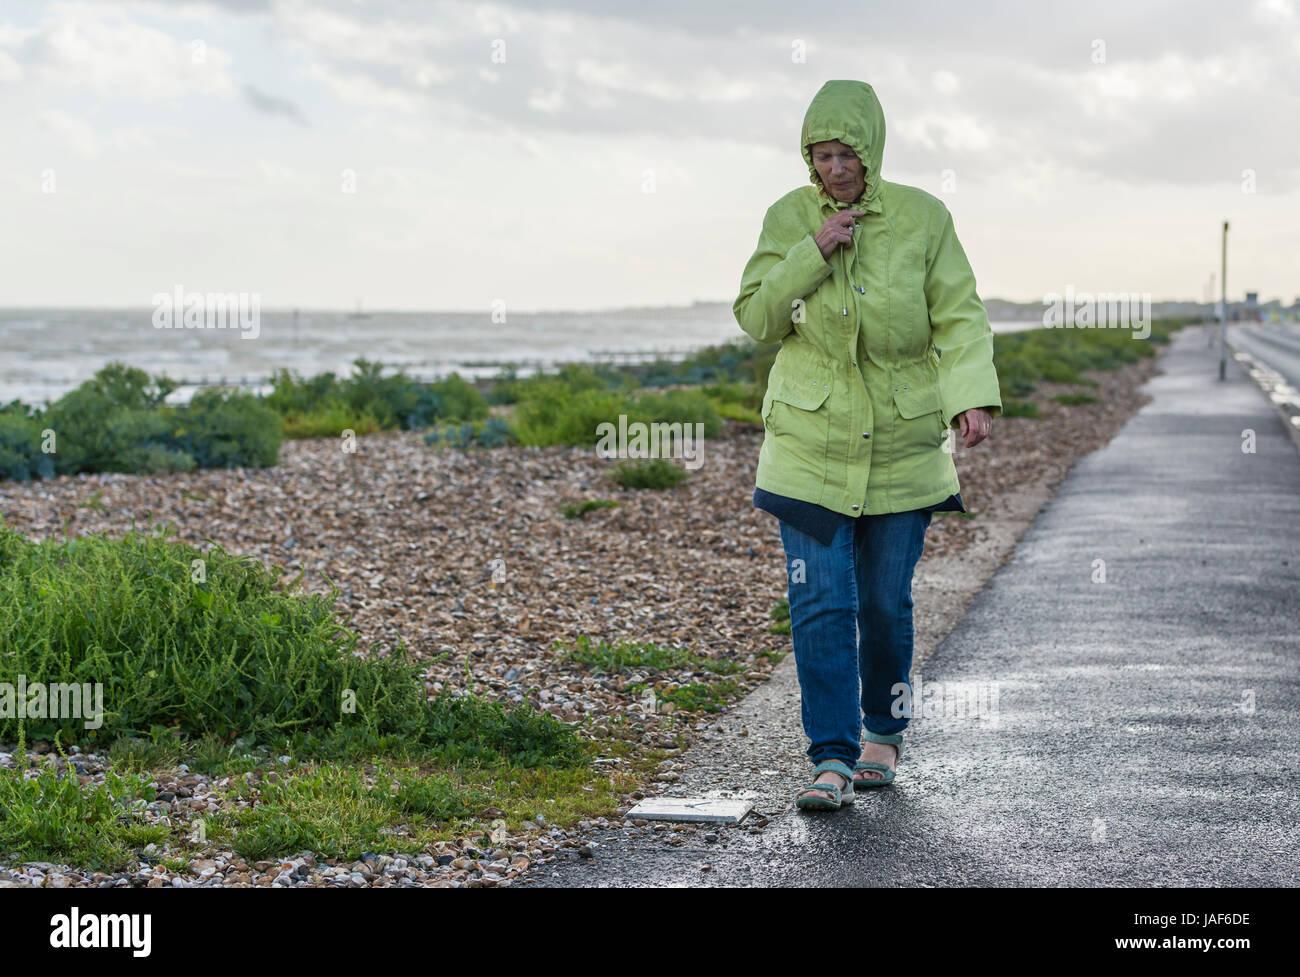 elderly-woman-walking-in-rain-and-wind-a